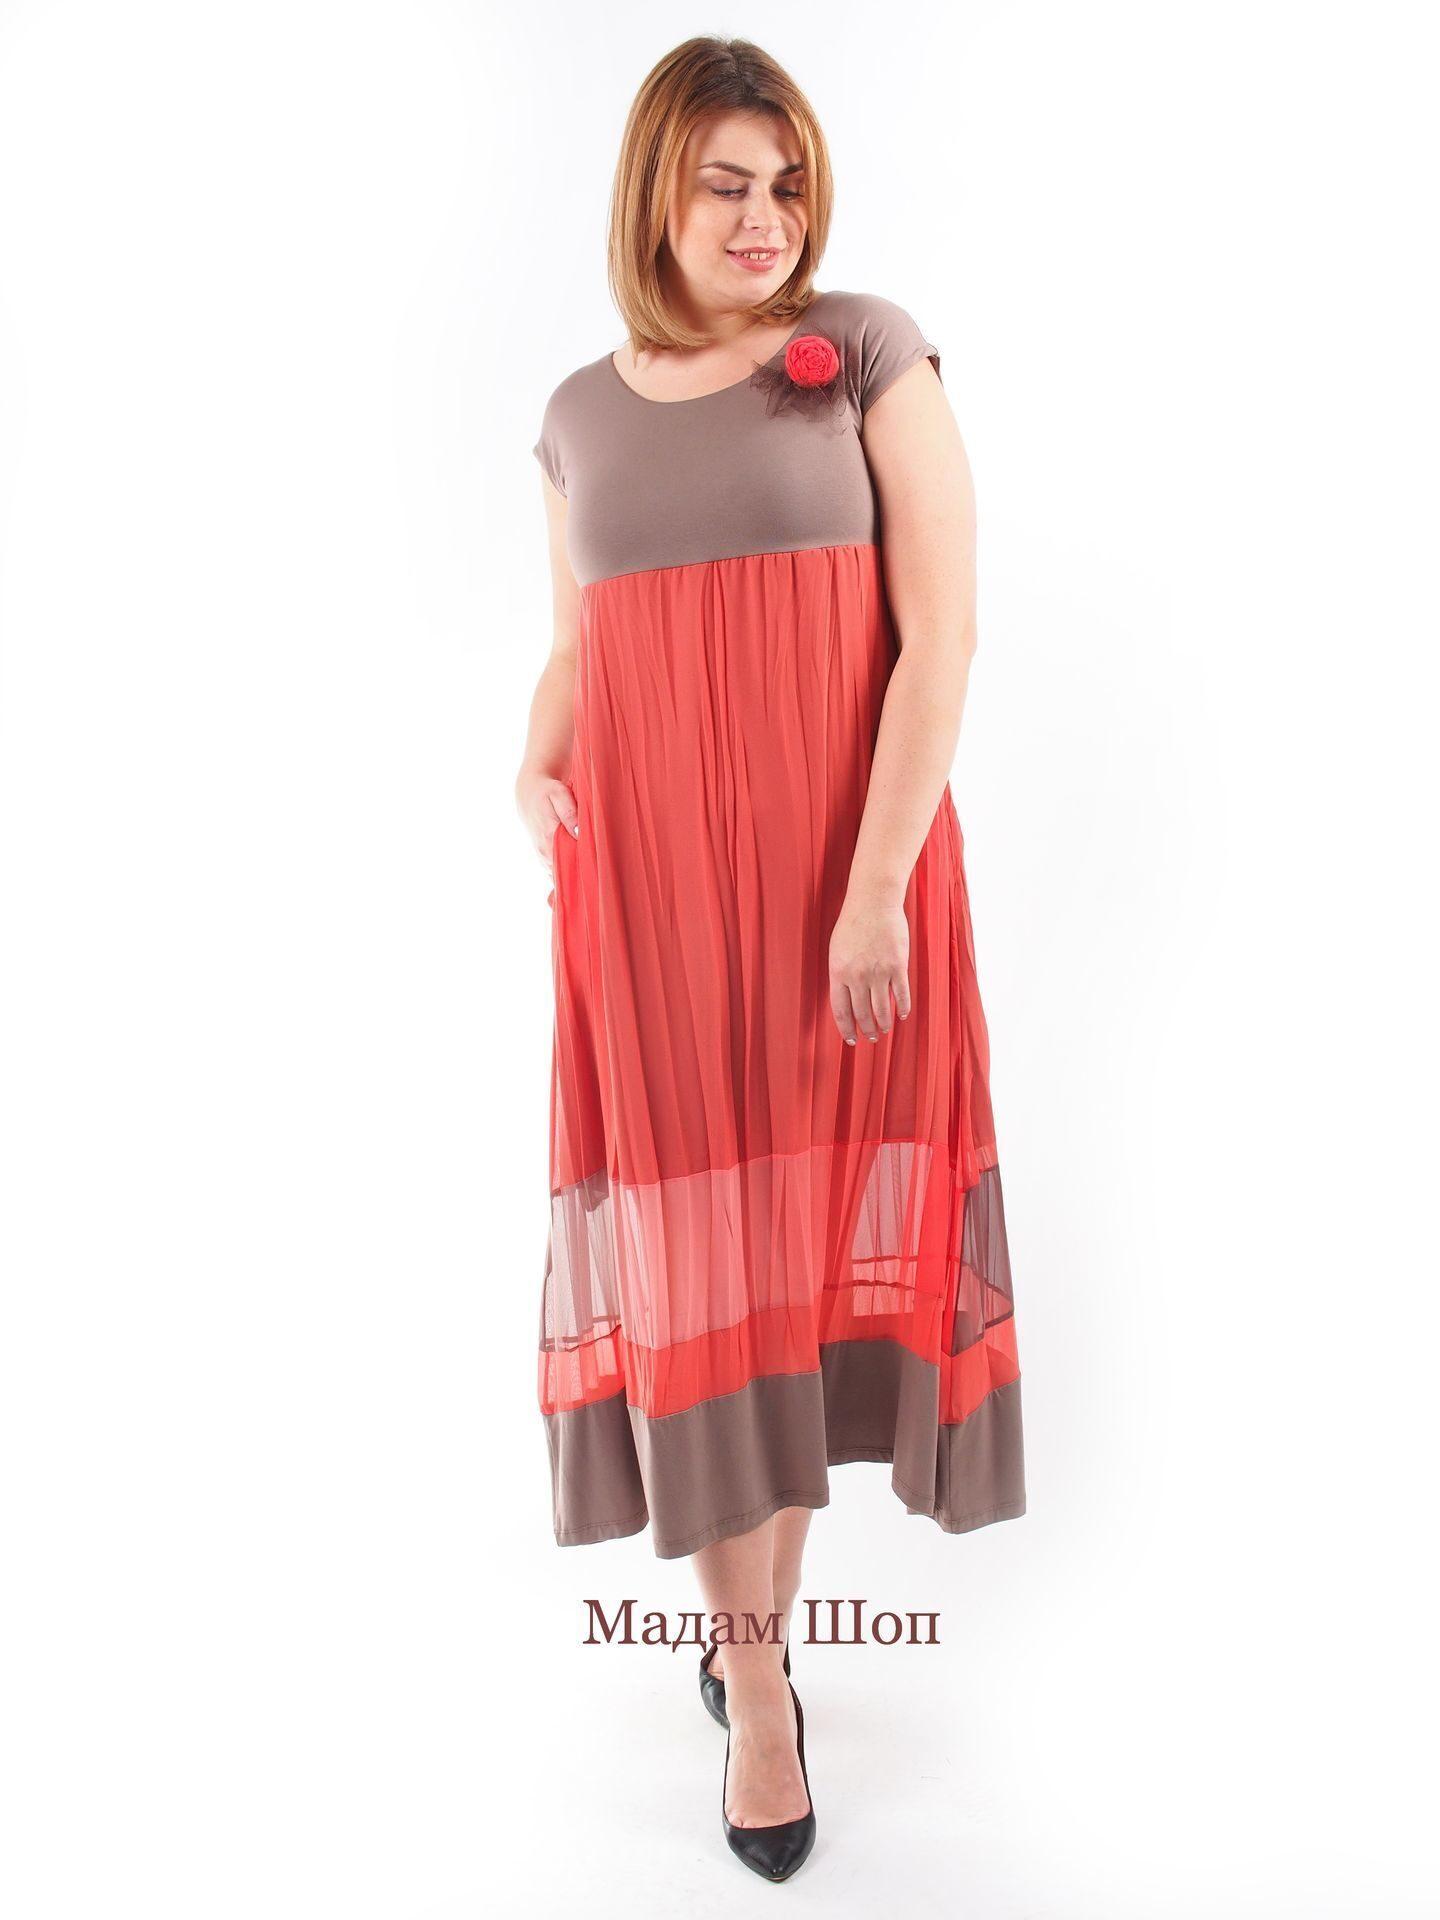 bbd7e104a9a031b Кофейно-коралловая палитра в комбинированном платье из шёлка и трикотажа.  Кокетка прекрасно подчёркивает грудь